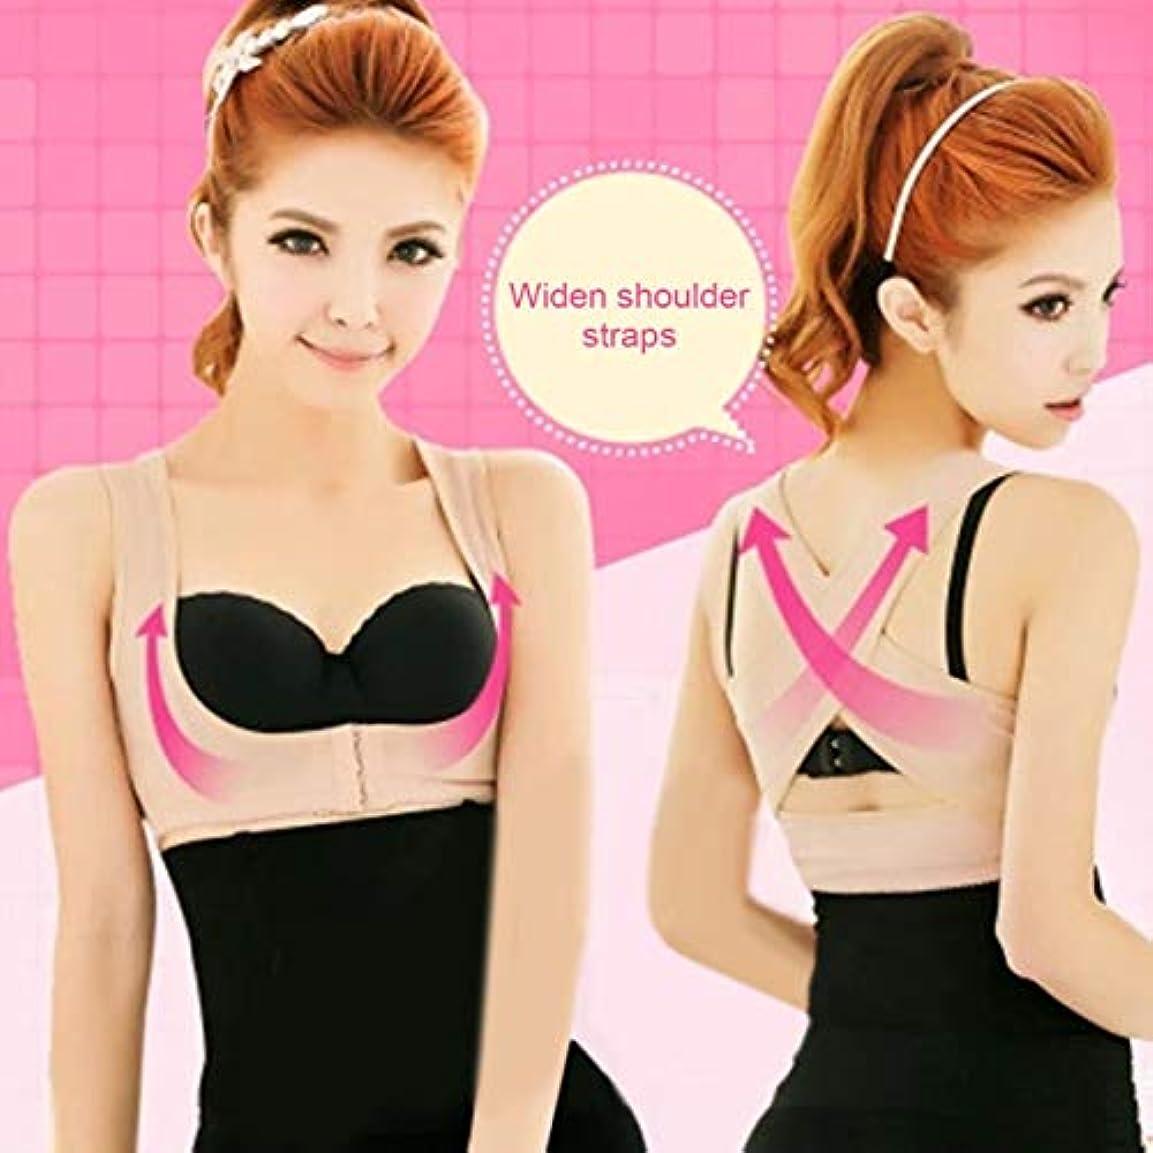 文芸有害な文芸Posture Corrector Women Chest Brace Up Prevent Chest Sagging And Humpback Bra Cross Strap Vest Body Shaper Slimming...